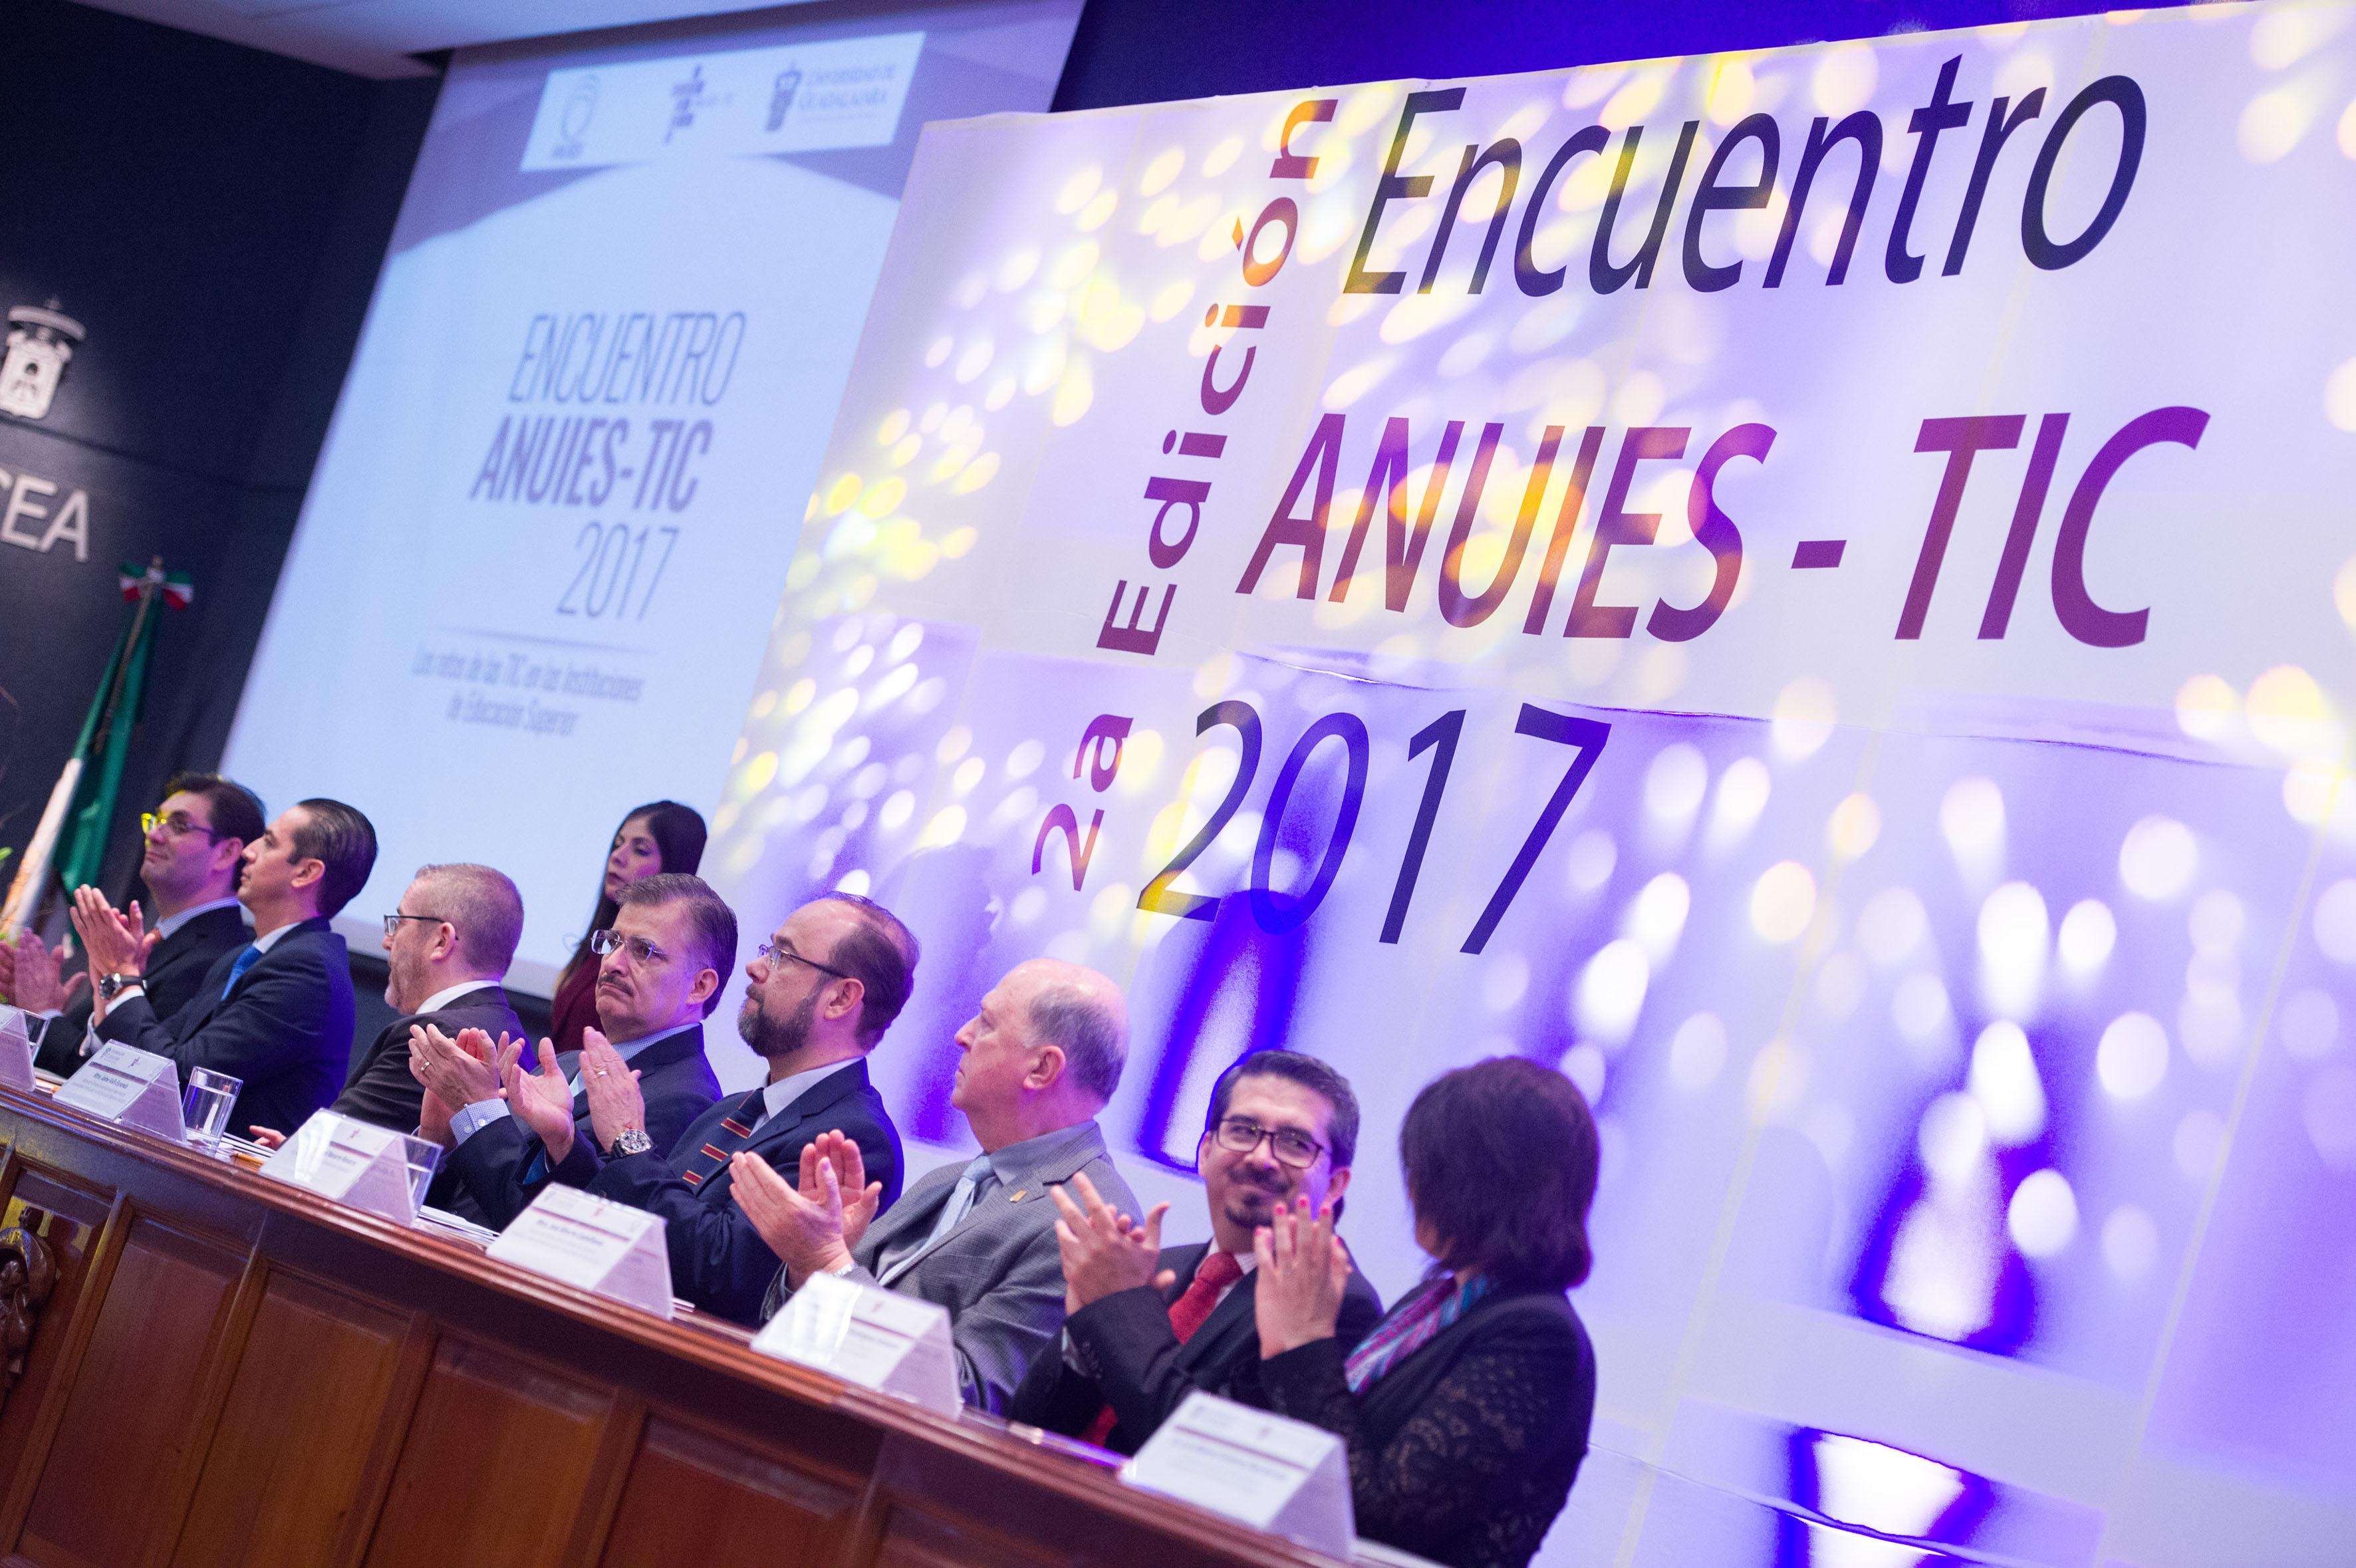 Inauguración de el Segundo Encuentro ANUIES-TIC 2017 en el CUCEA